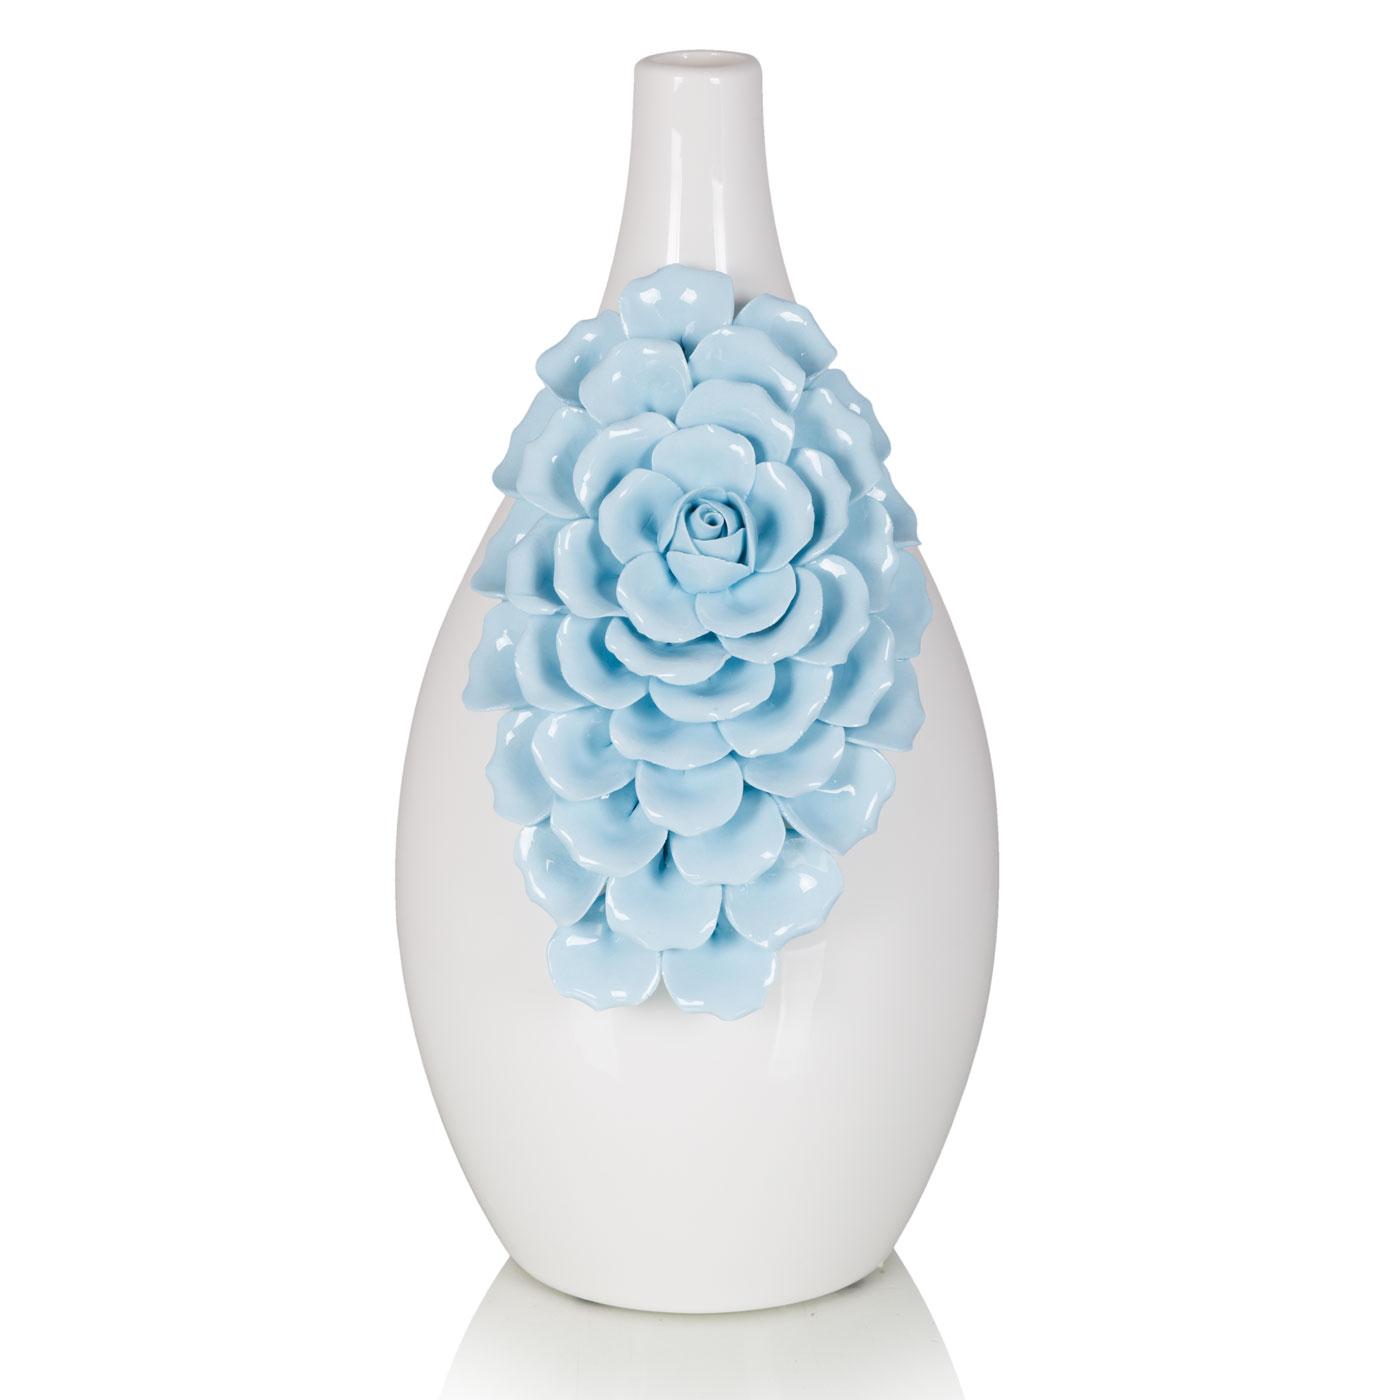 {} Home Philosophy Ваза Stefania Цвет: Белый-Голубой (13х29 см) ваза кручёная цвет белый 51 см 1025307